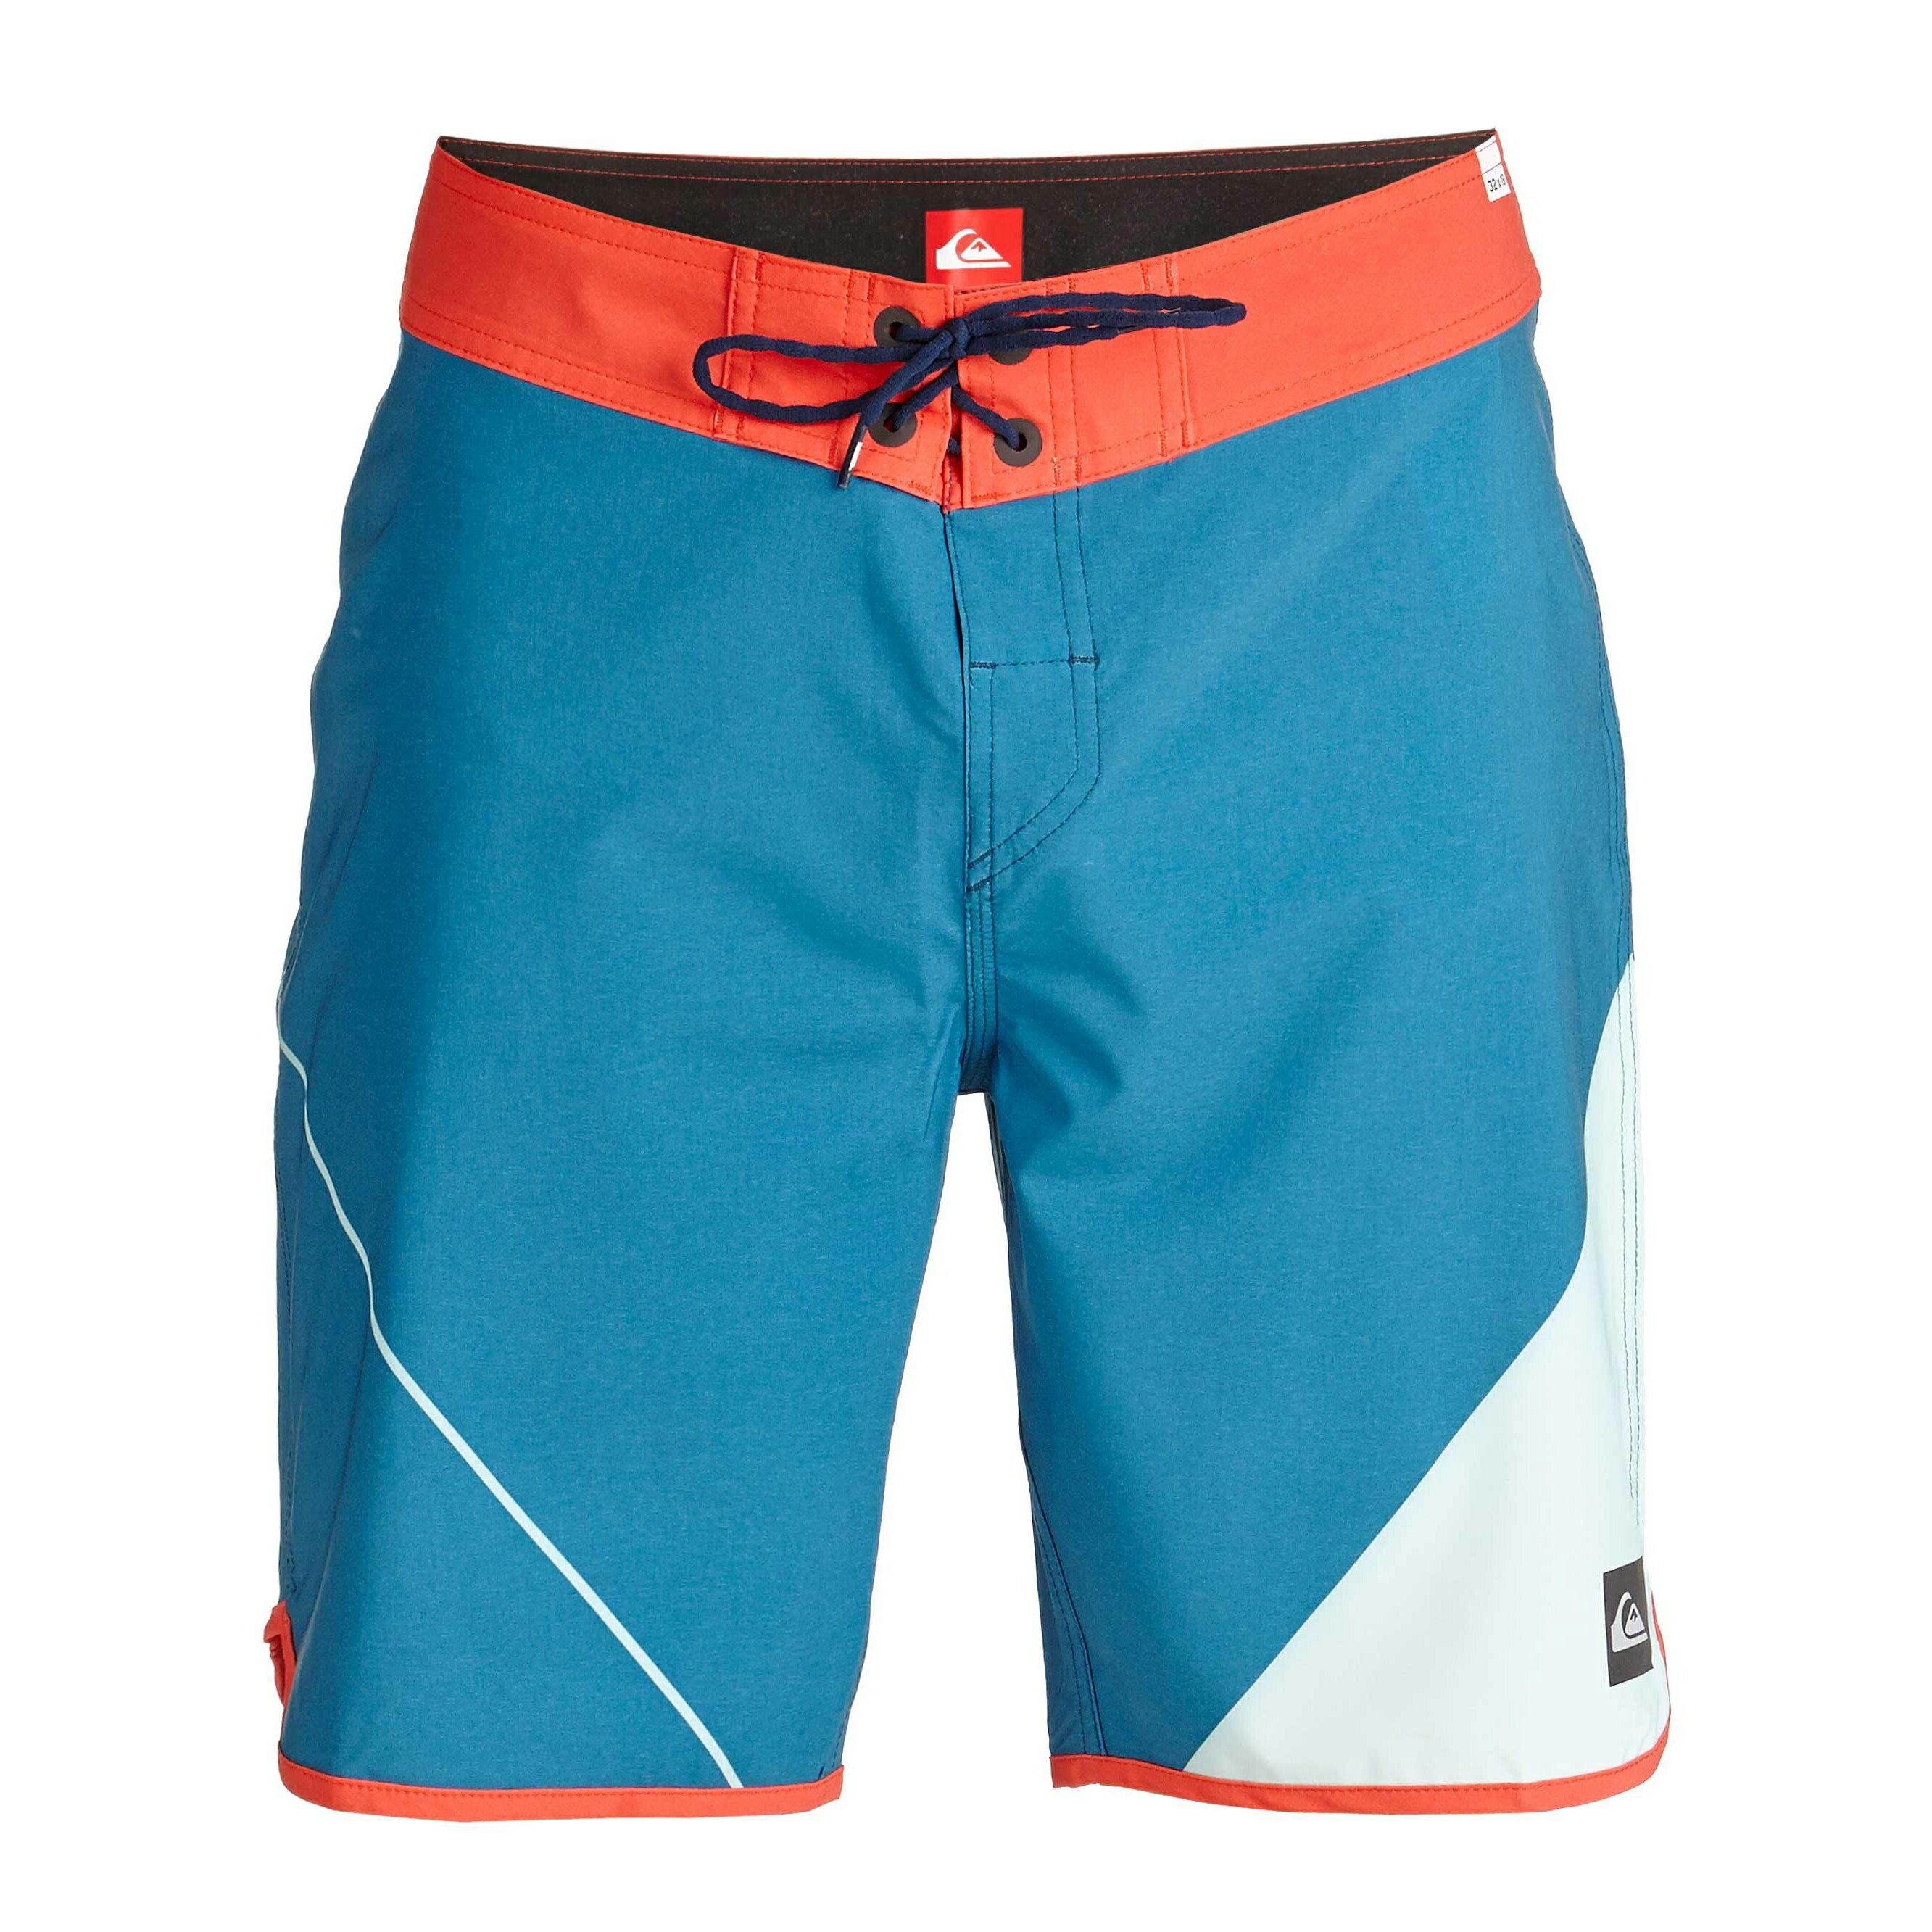 美國百分百【全新真品】Quiksilver 海灘褲 男 短褲 泳褲 沙灘褲 衝浪褲 AG47 橘色 藍色 淺綠 E984